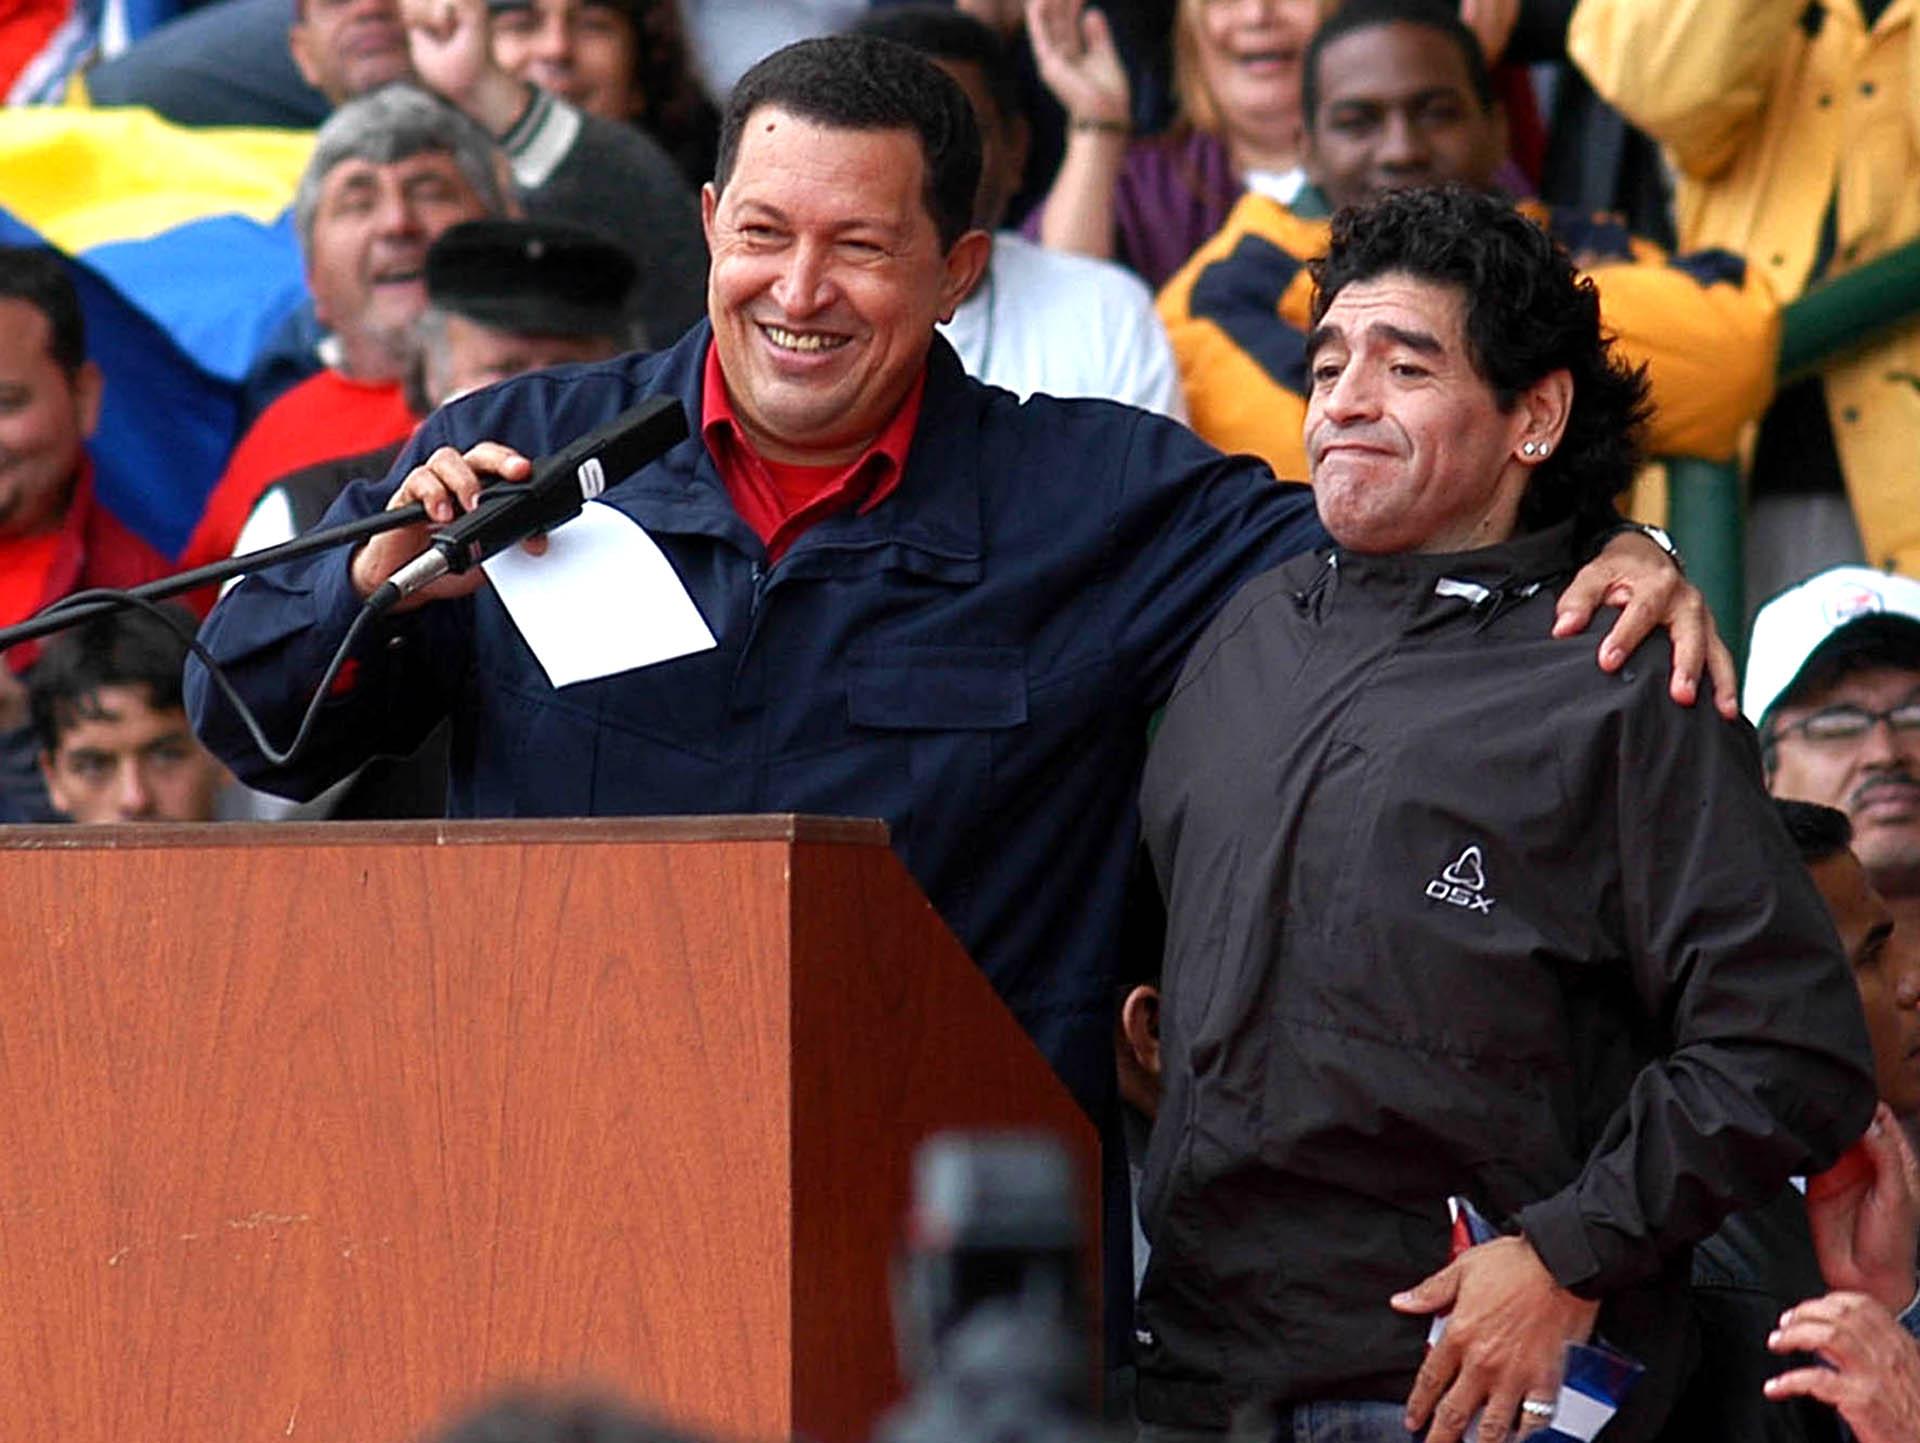 El presidente de Venezuela, Hugo Chavez, abraza a Diego Maradona durante el acto de la Cumbre de los Pueblos -la contramarcha- que se realizó en el estadio mundialista de Mar del Plata